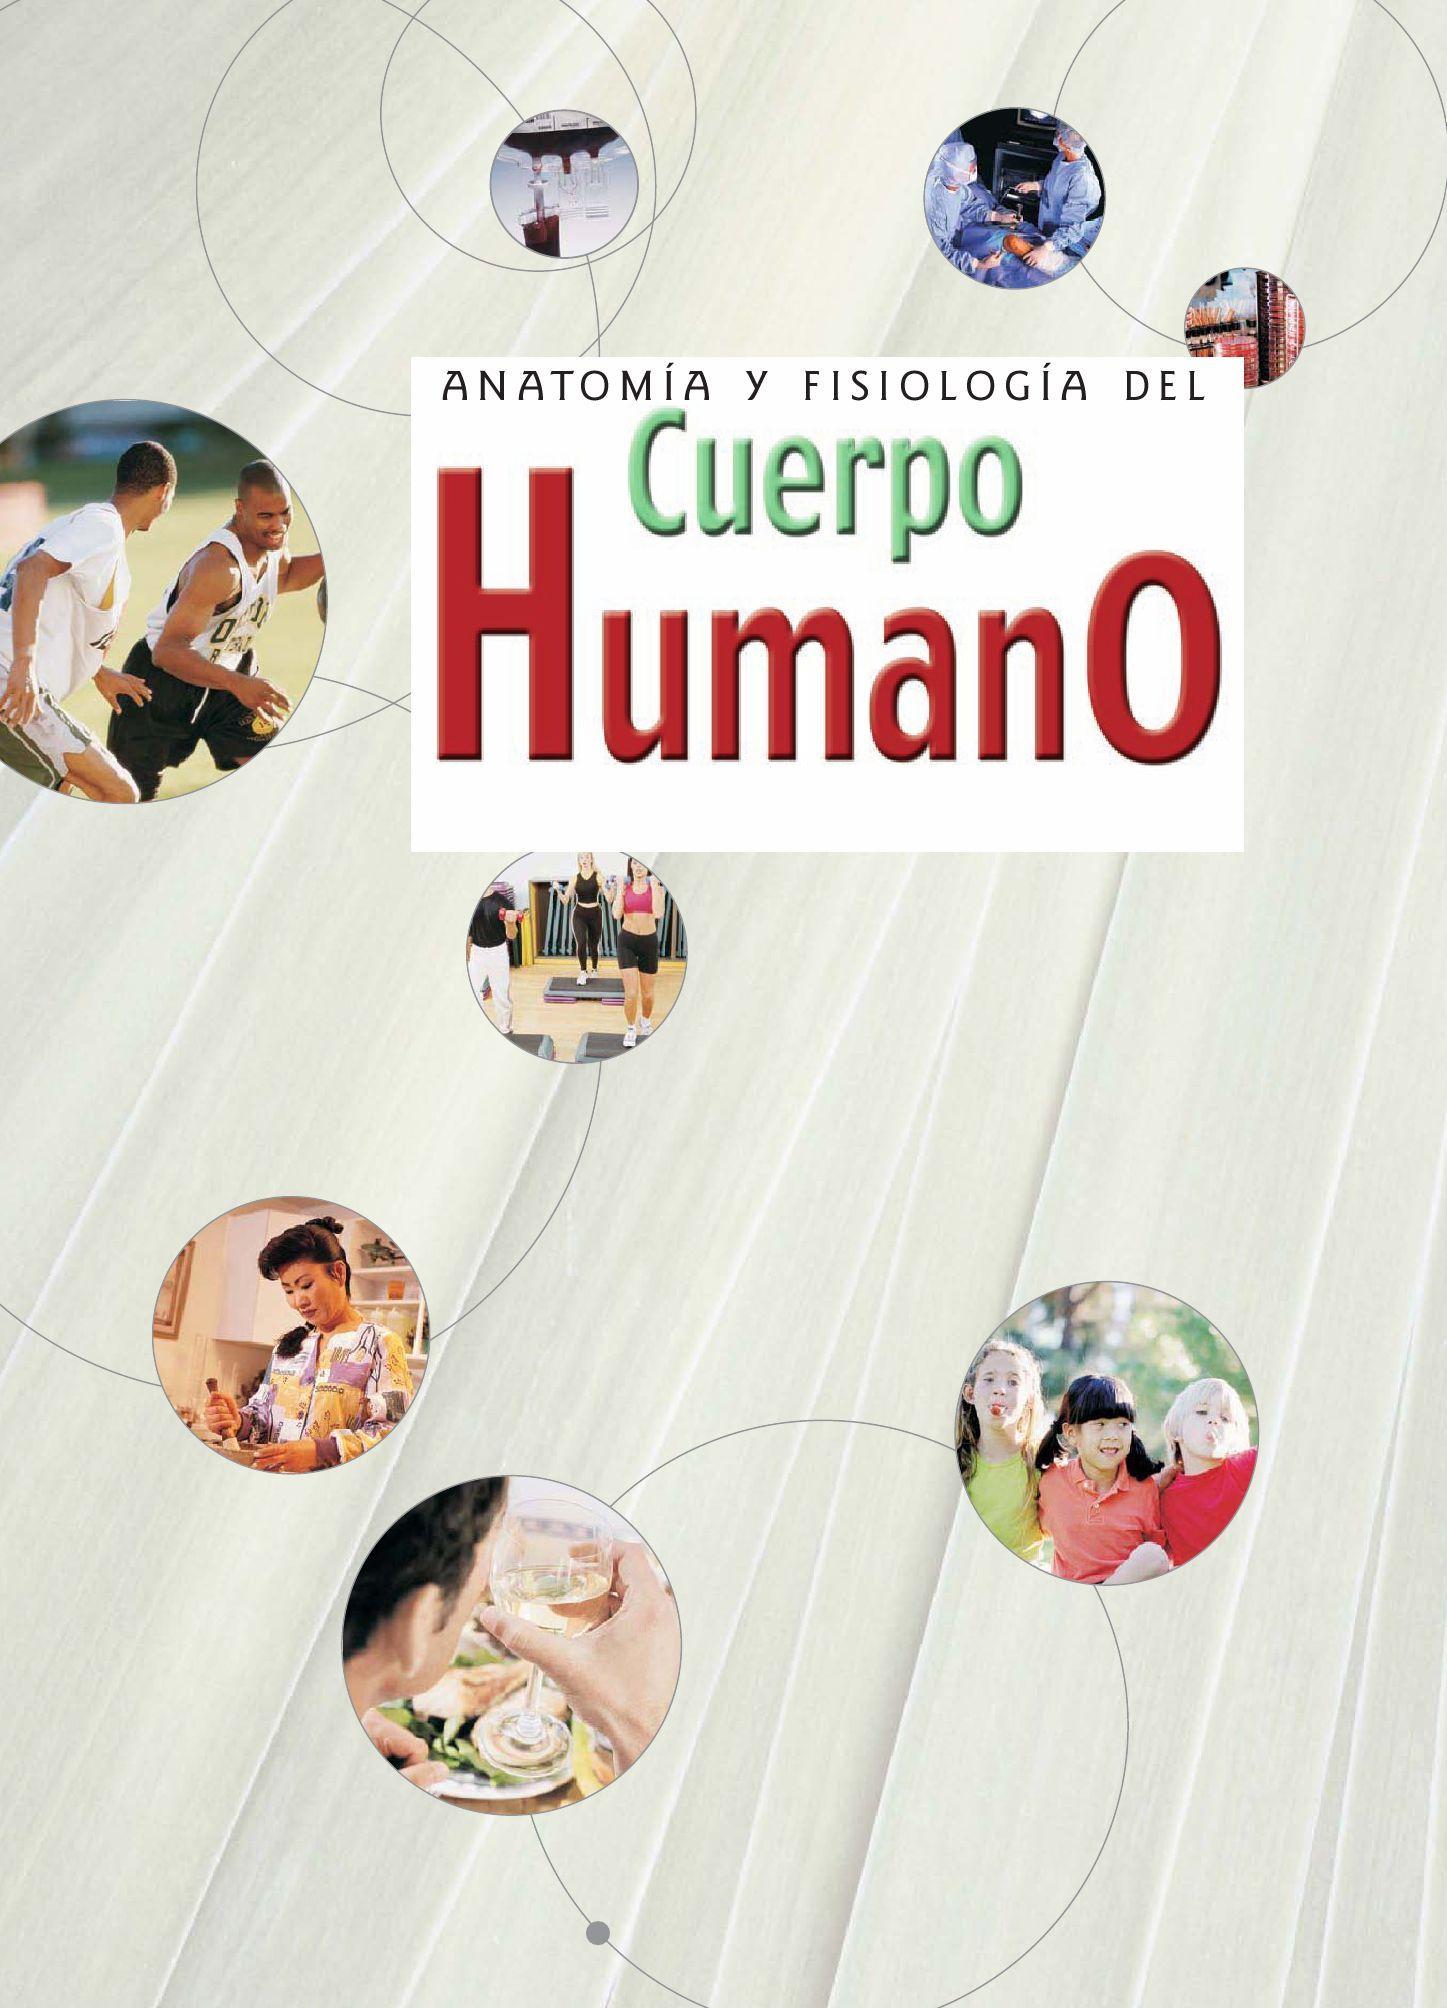 Anatomia y fisiologia | LIBROS | Pinterest | Fisiología, Anatomía y ...